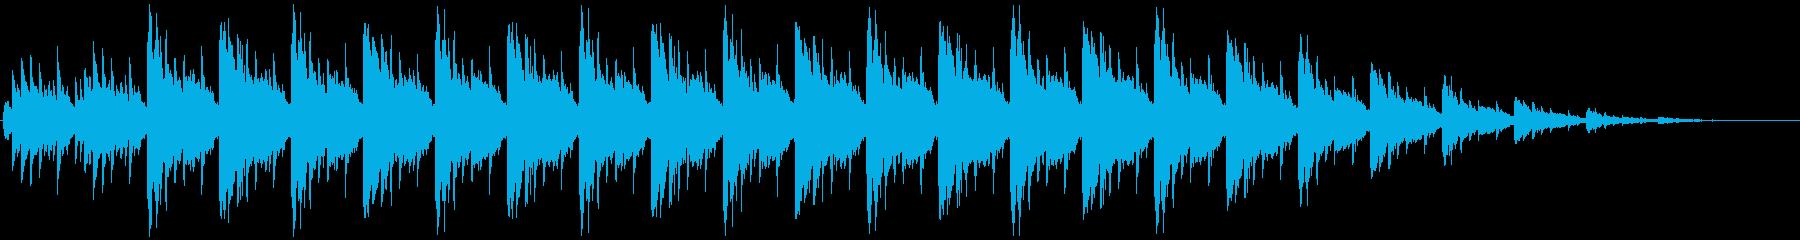 バリ島での祭りをイメージした電子音楽ですの再生済みの波形